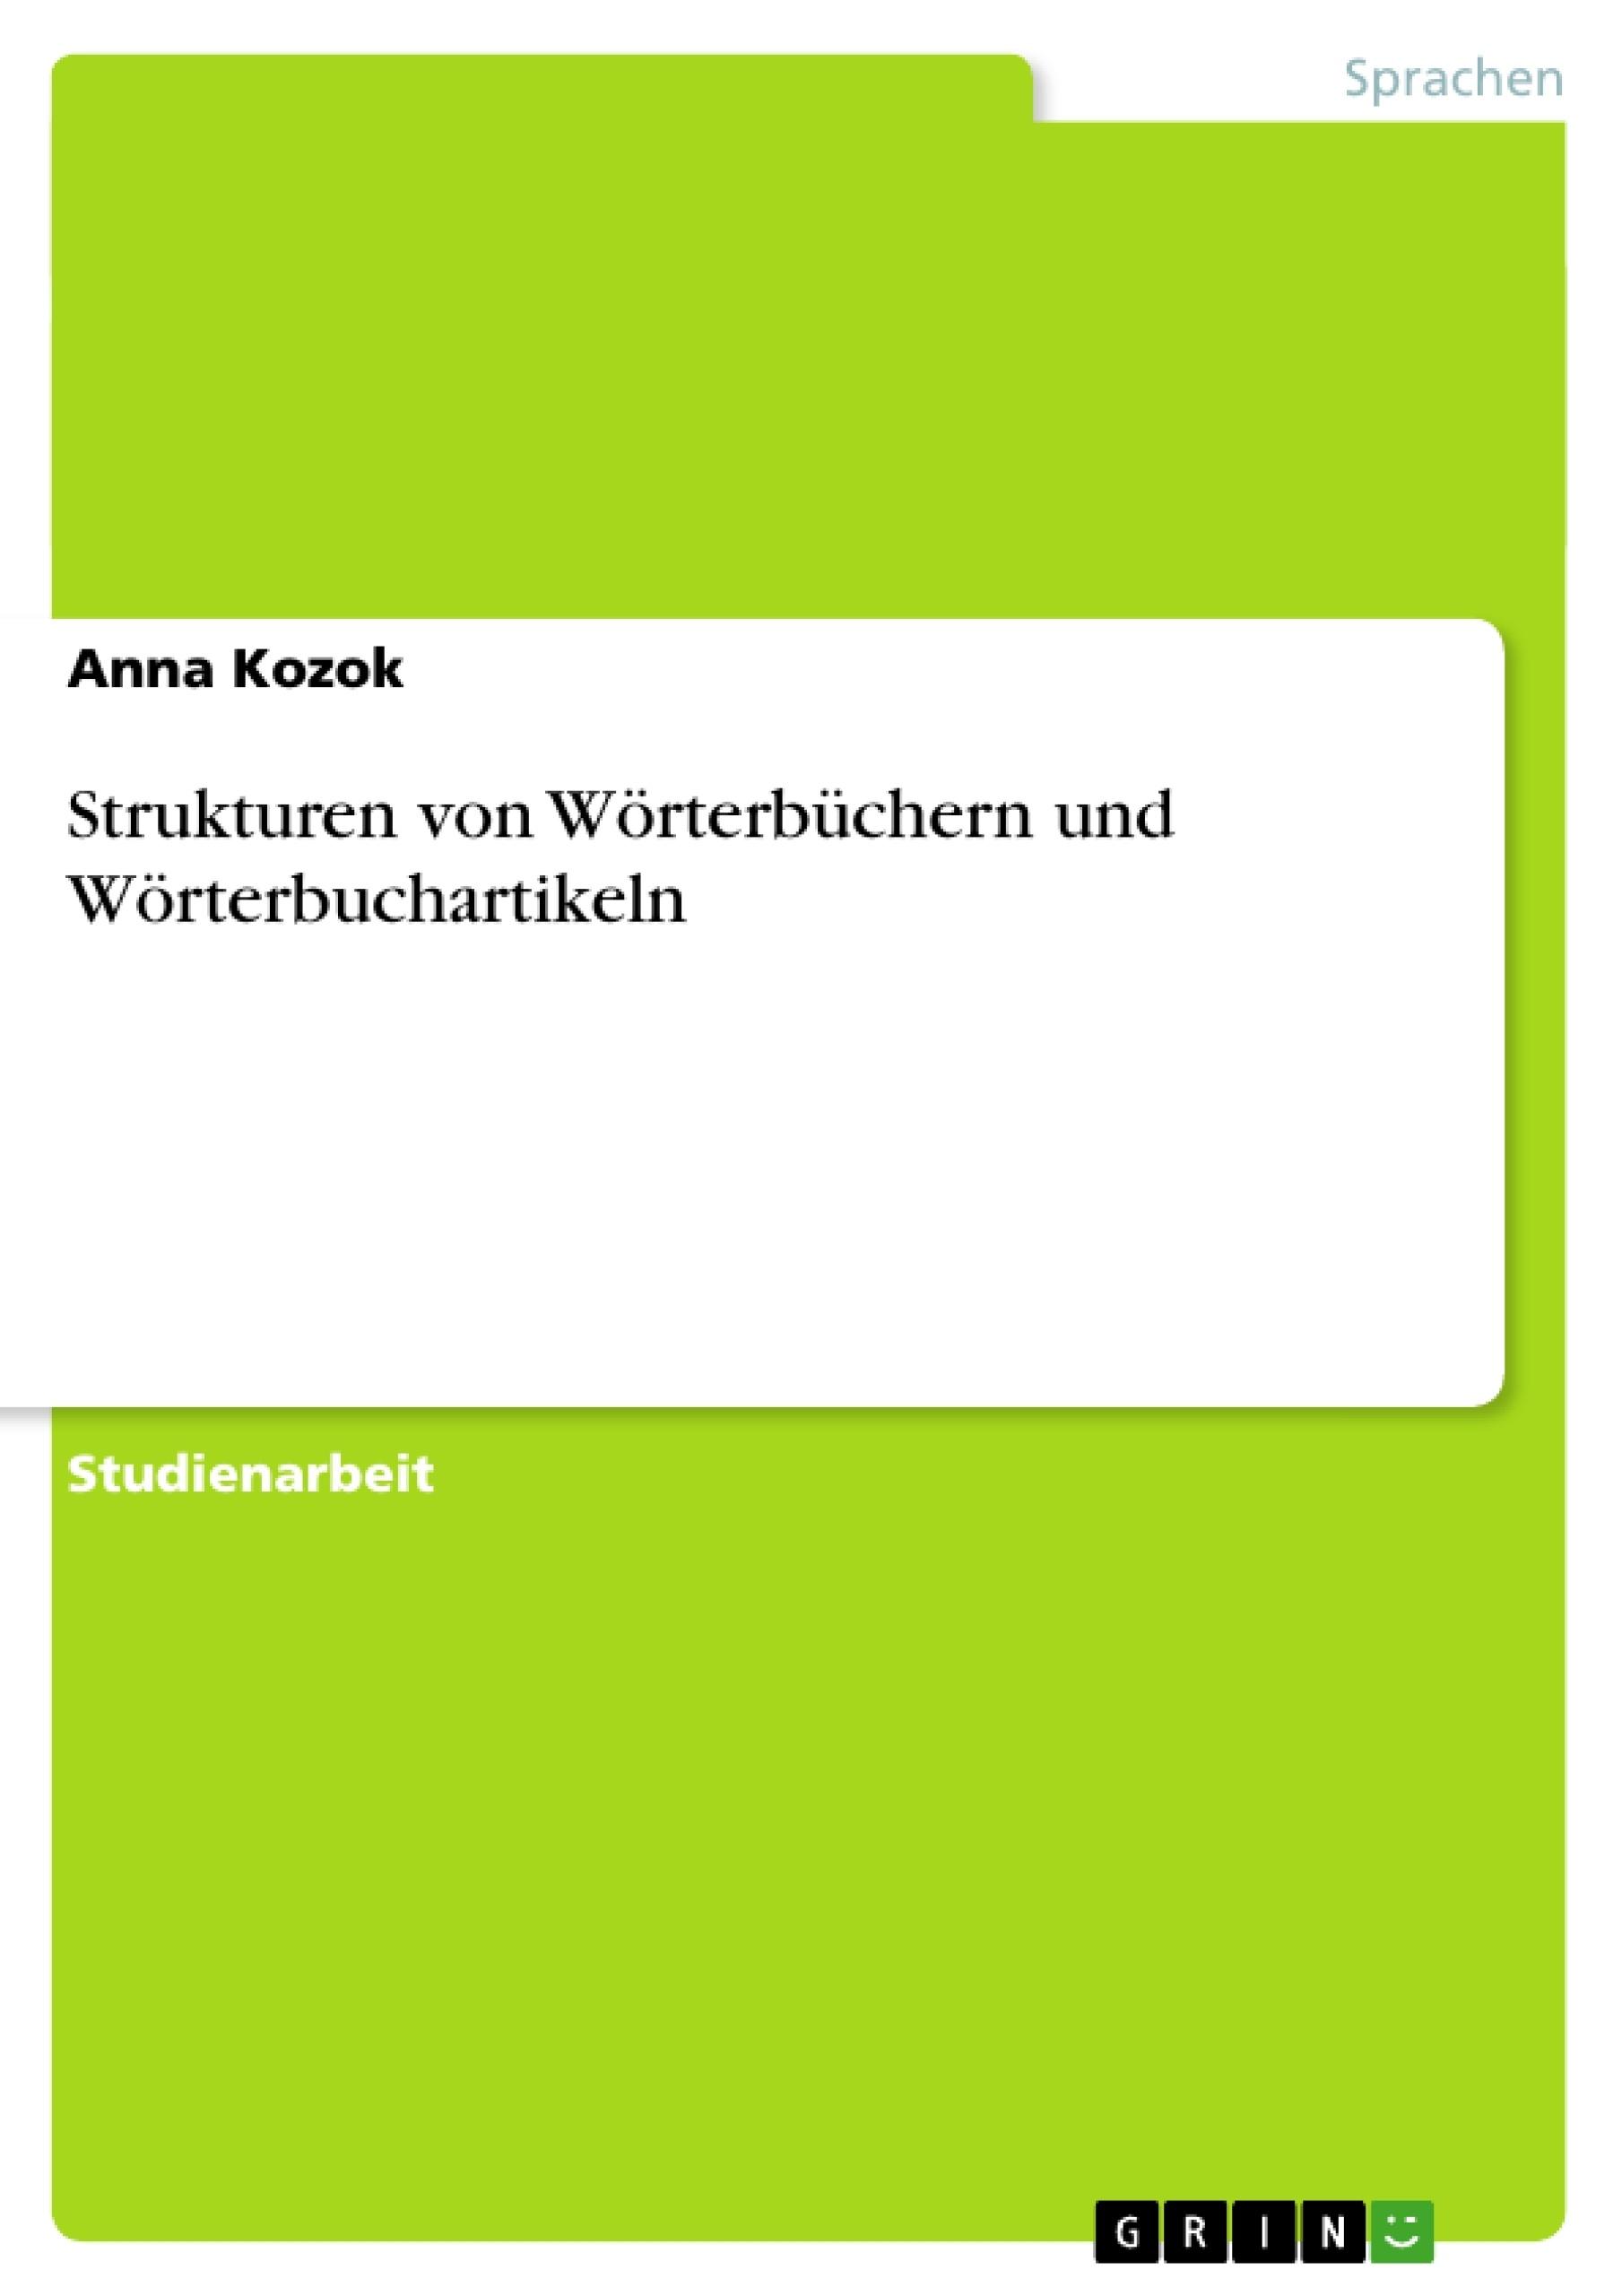 Titel: Strukturen von Wörterbüchern und Wörterbuchartikeln